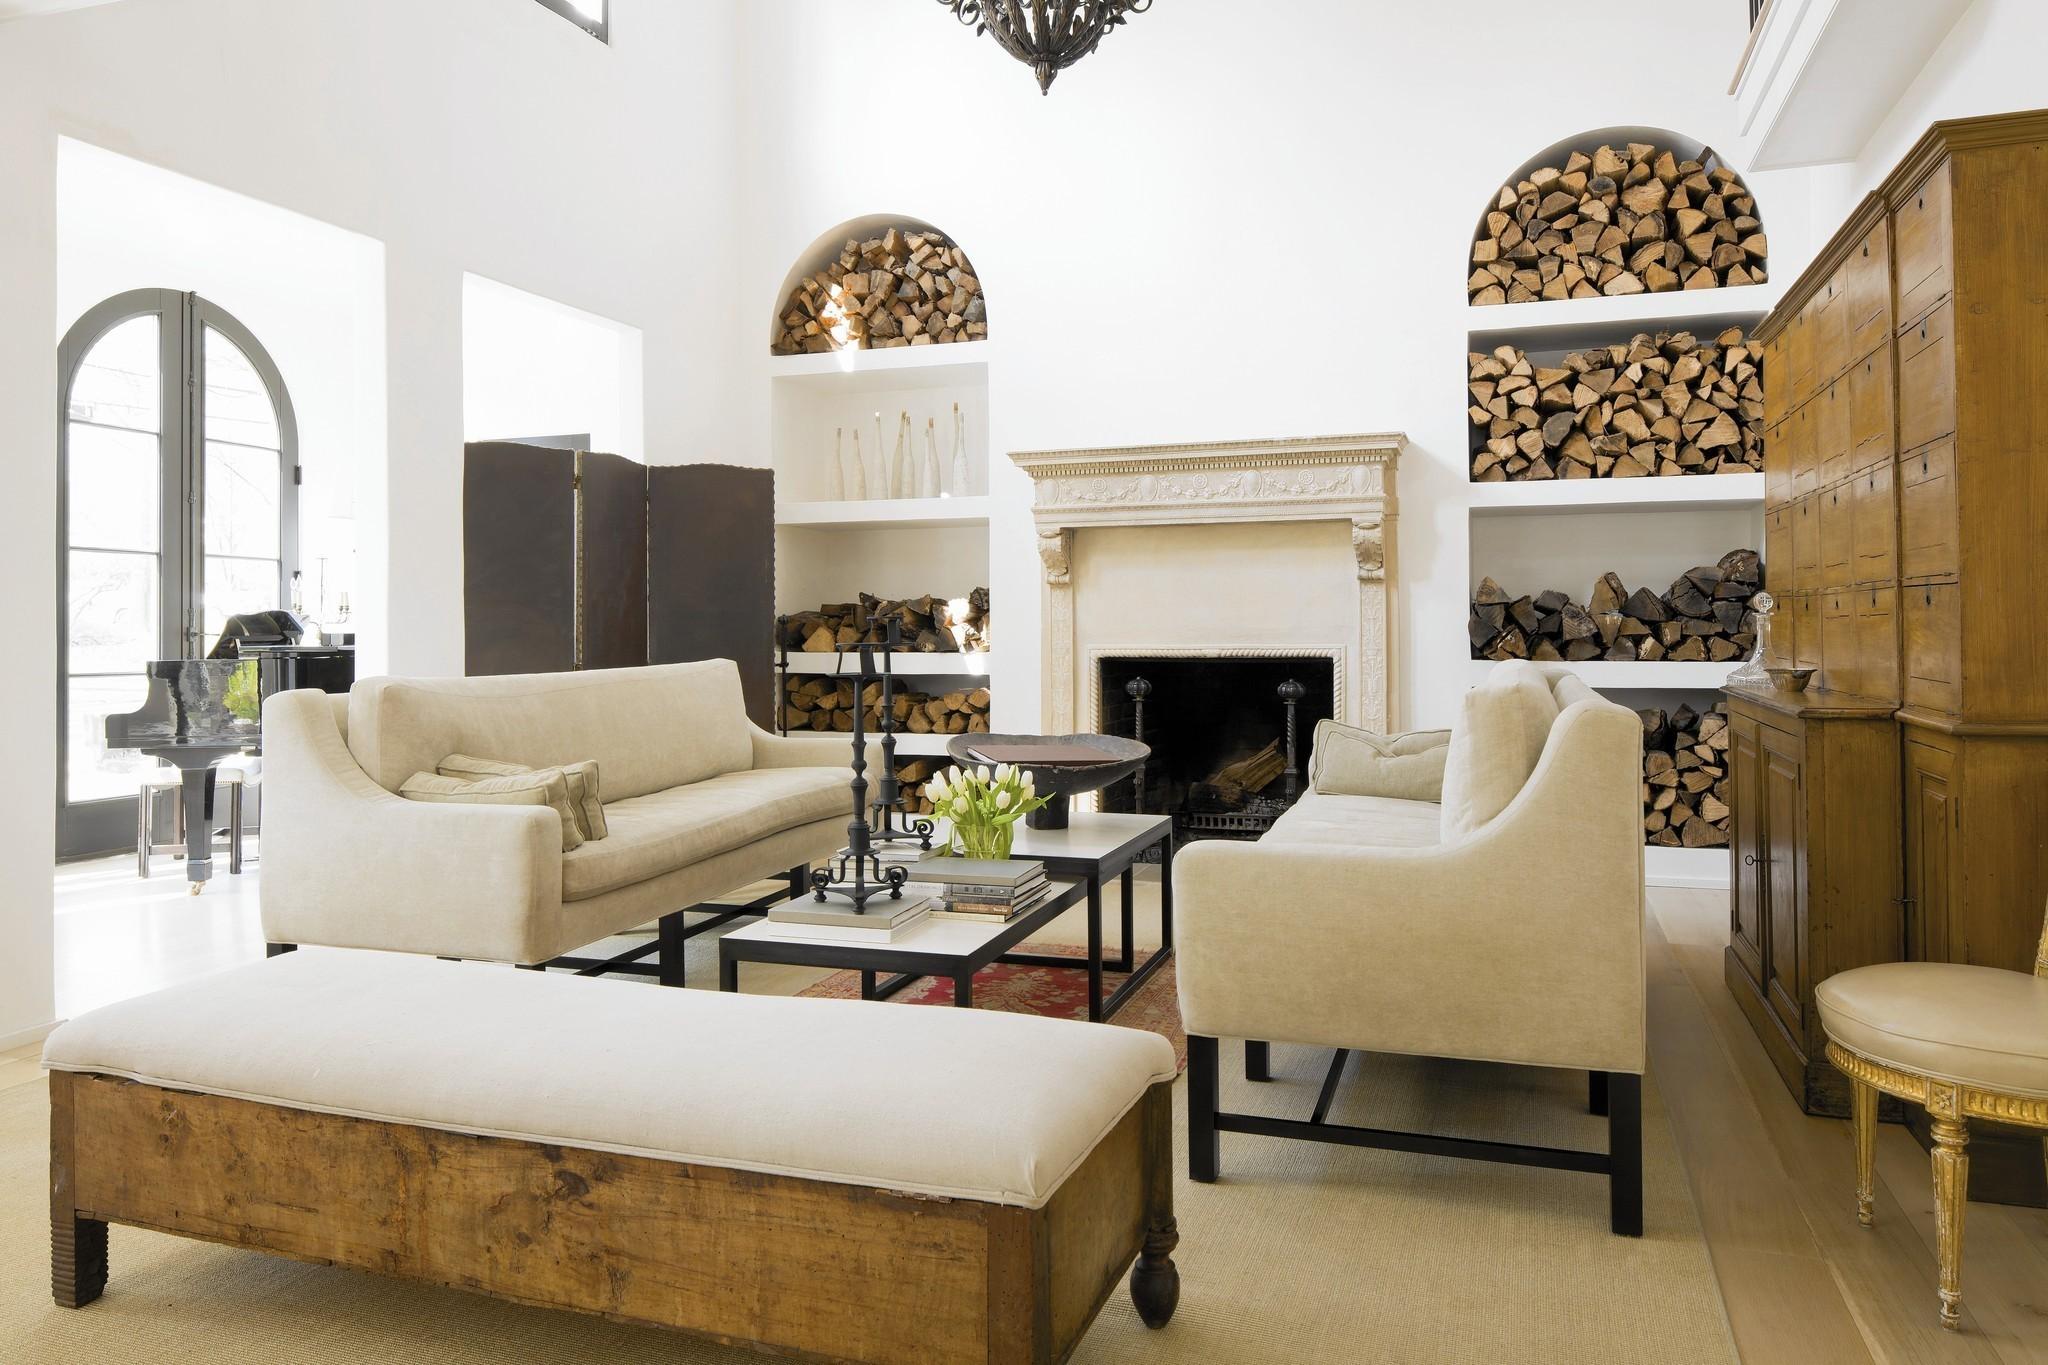 Carter Home Designs - Home Design Ideas